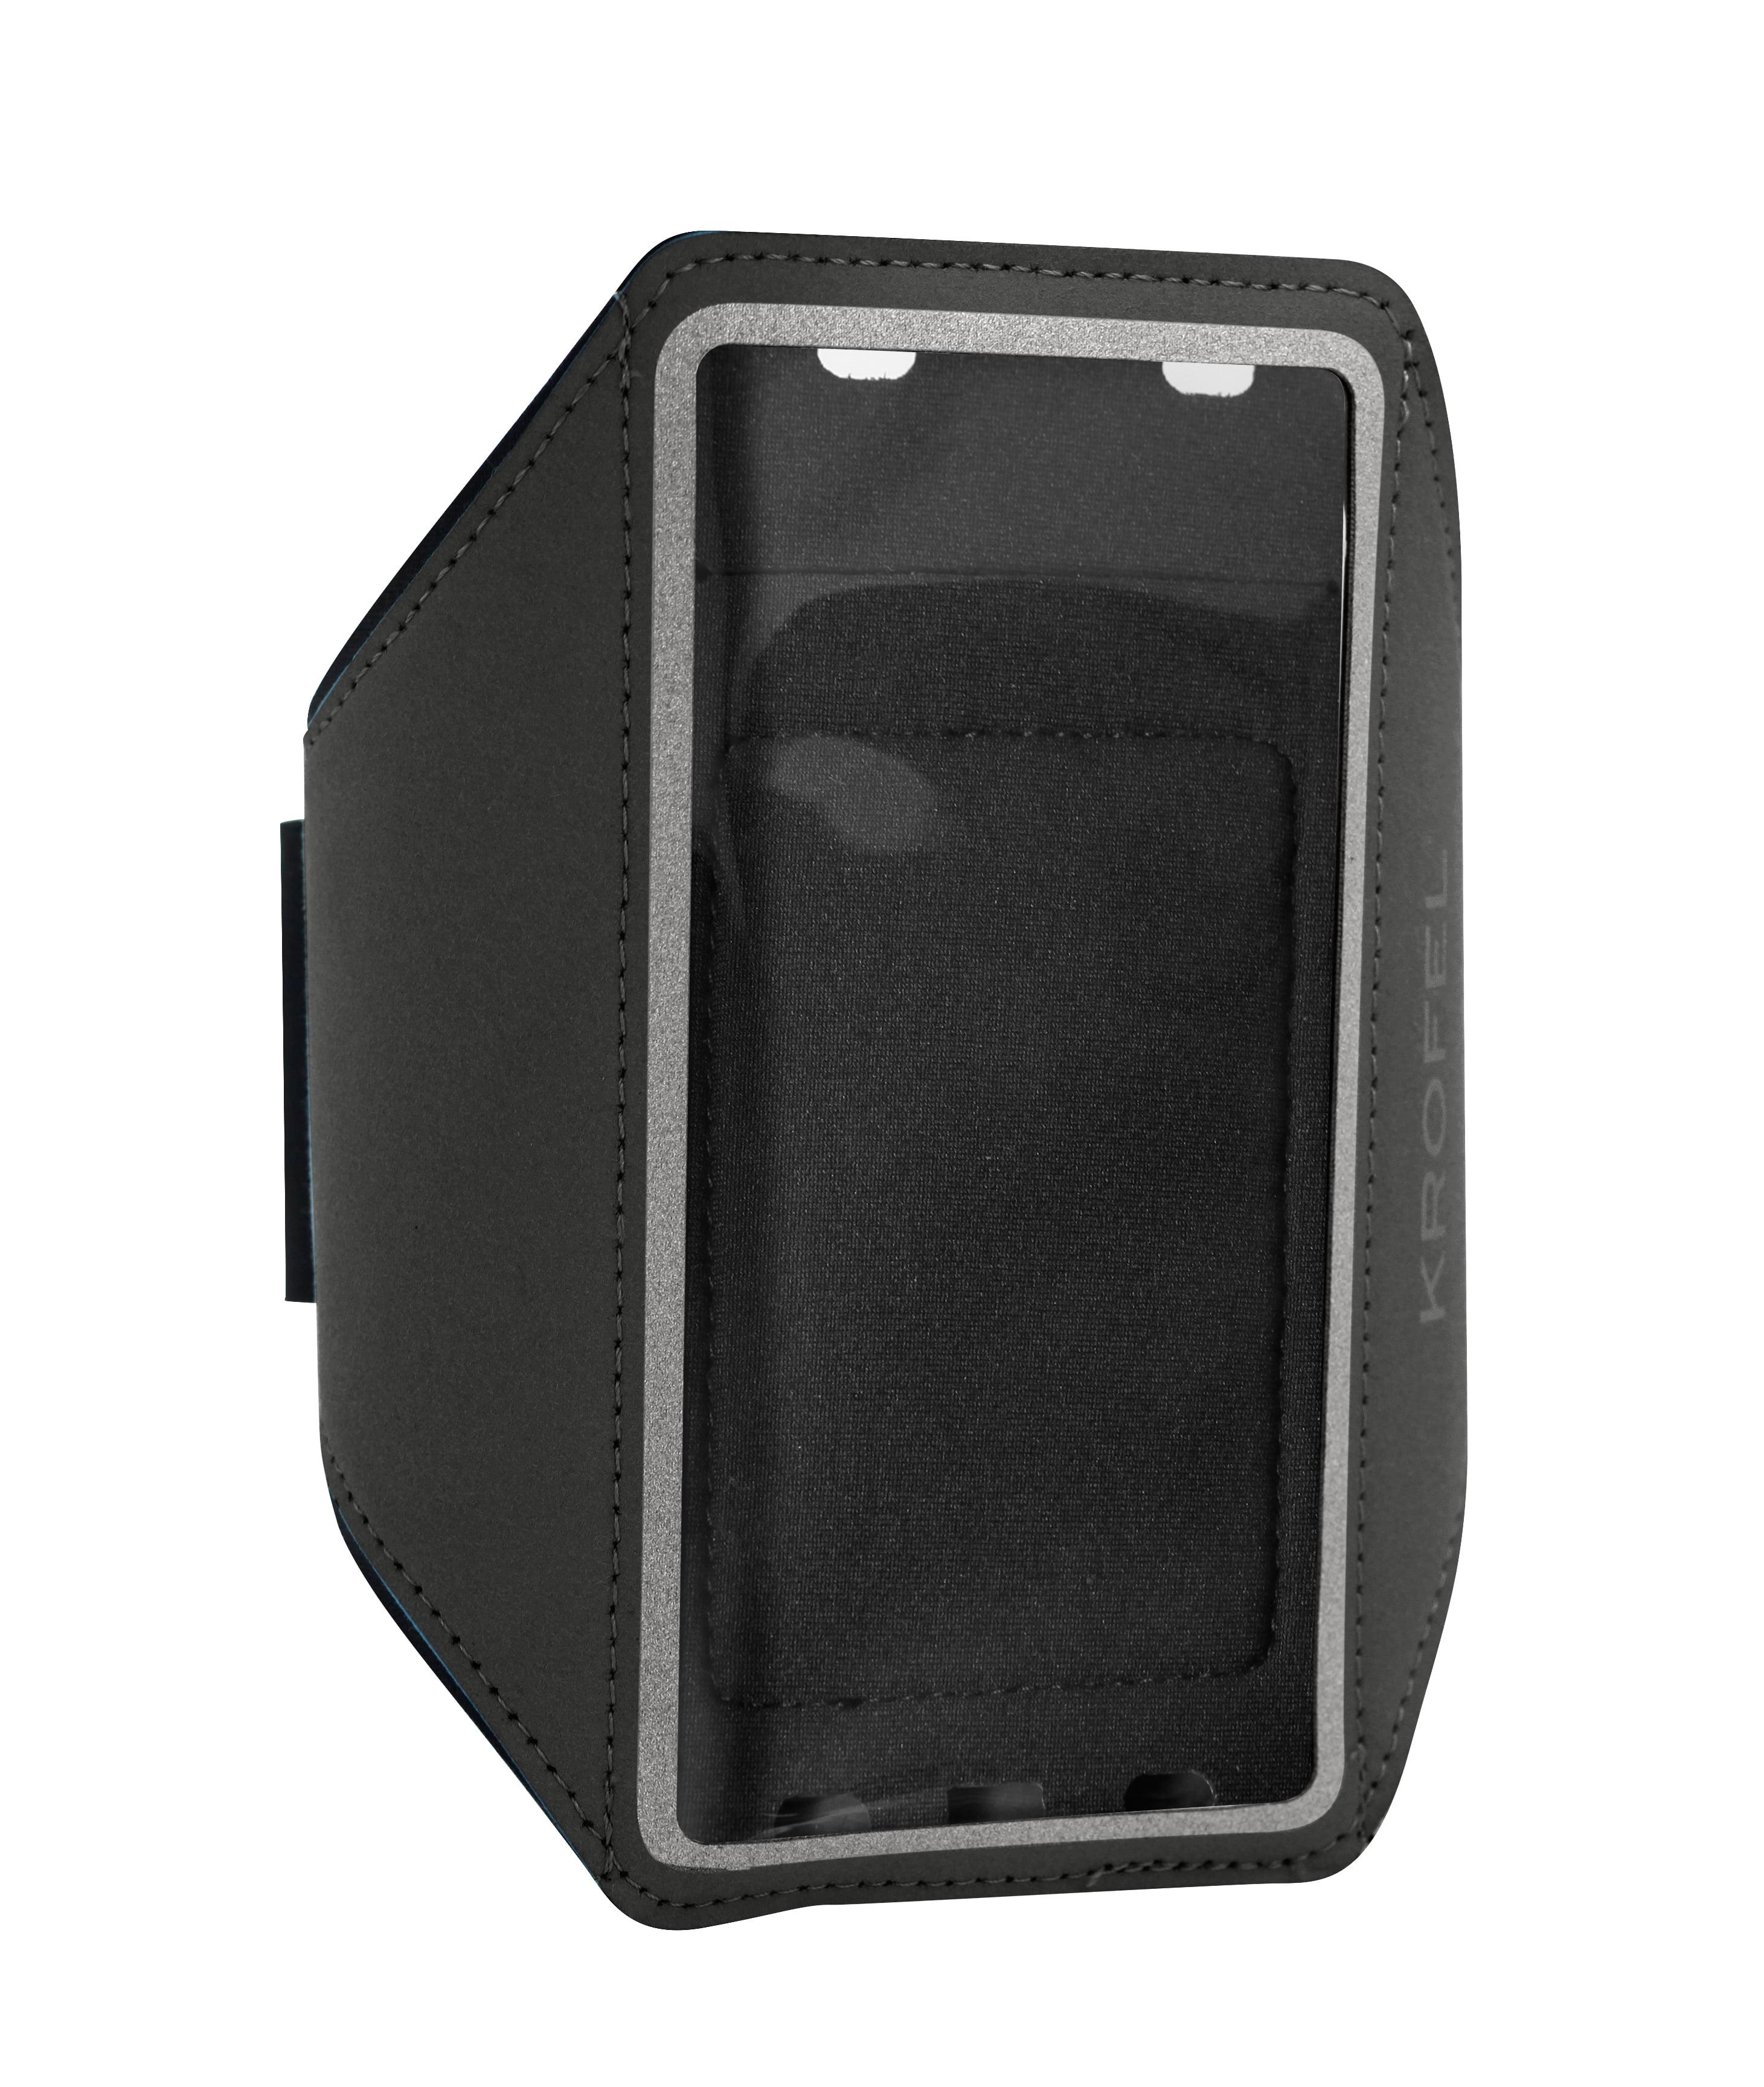 Krofel Running Sports / Fitness Armband Case for LG G2, G3, G4, G5